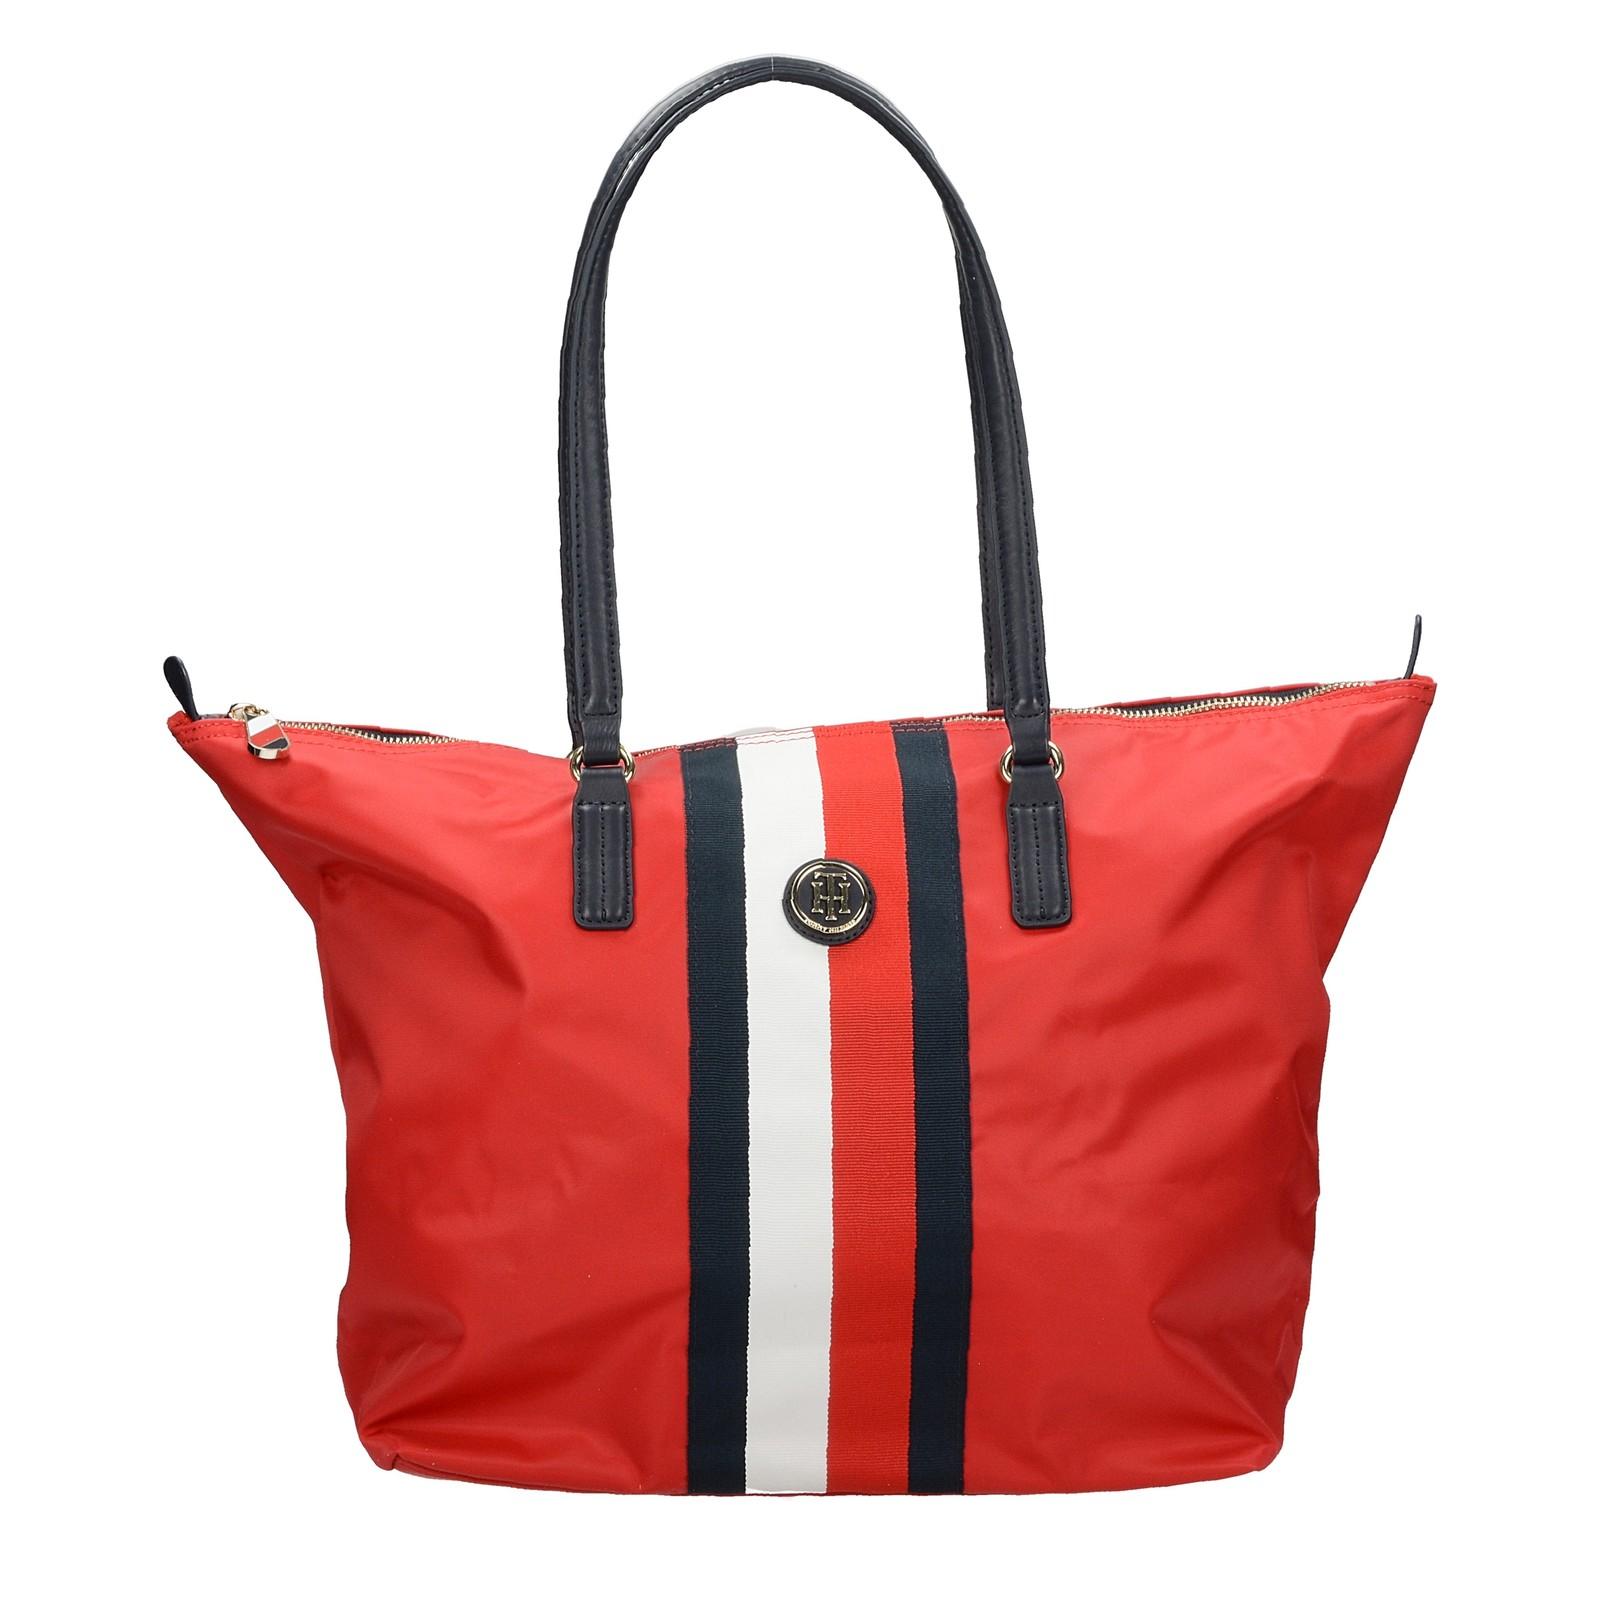 Tommy Hilfiger dámská stylová kabelka - červená